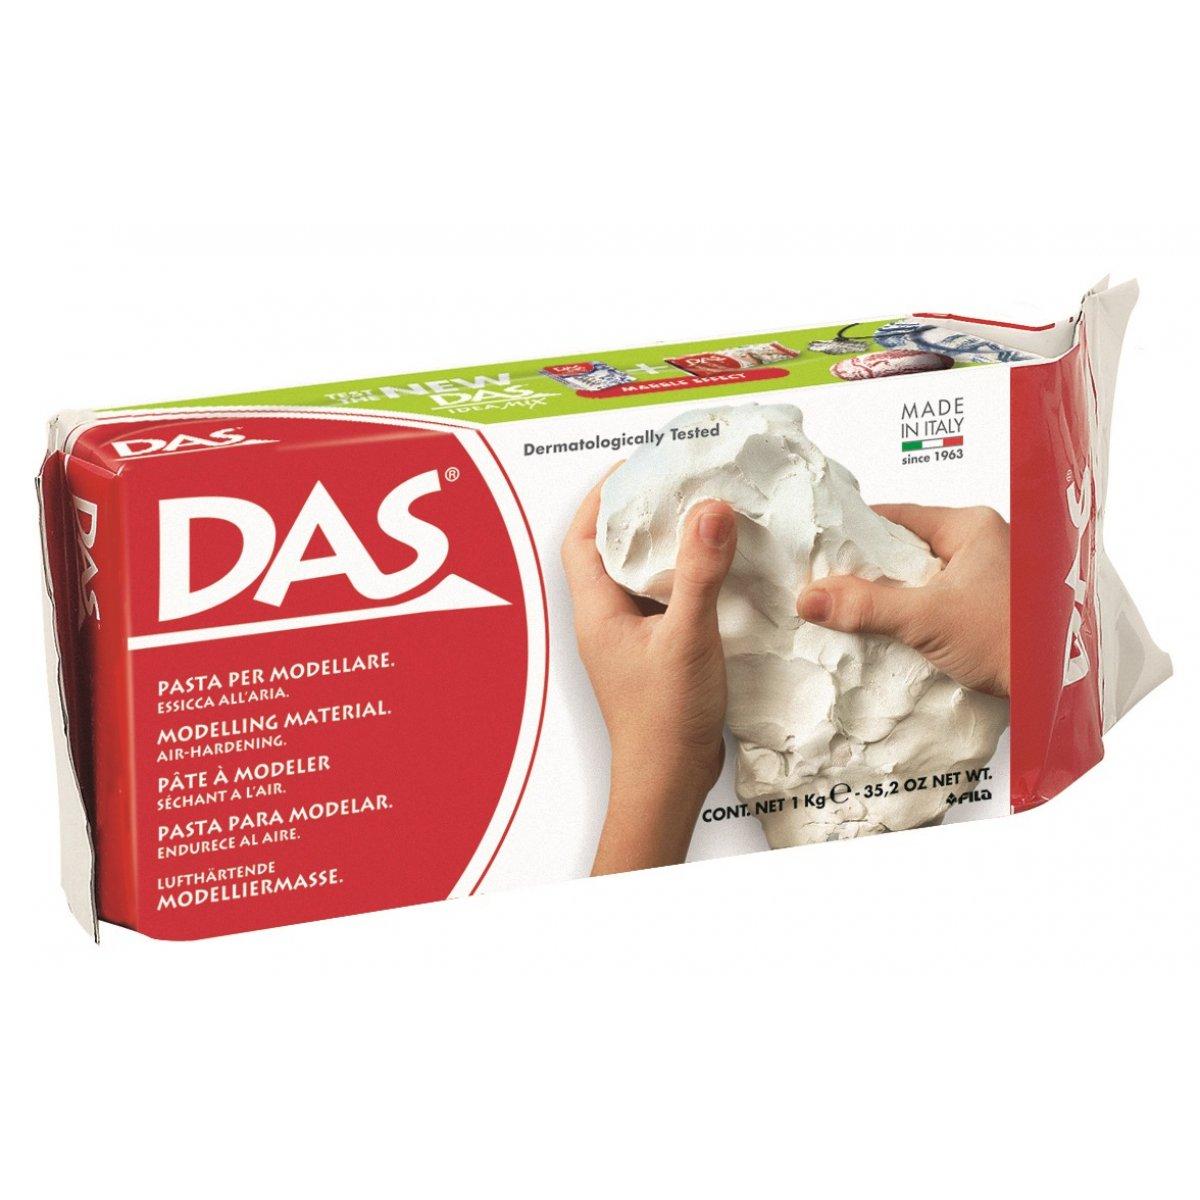 DAS-Lufthaertende-Modelliermasse-1000g-W